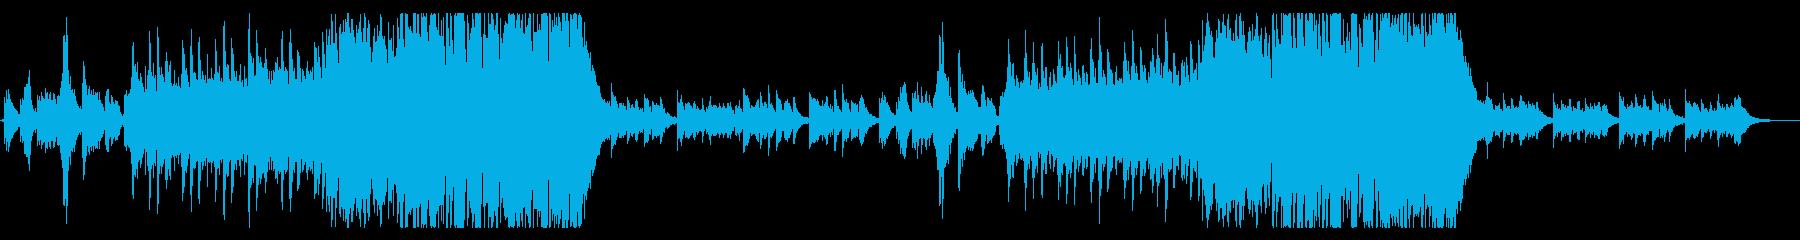 ダークファンタジーの物語を感じる曲の再生済みの波形